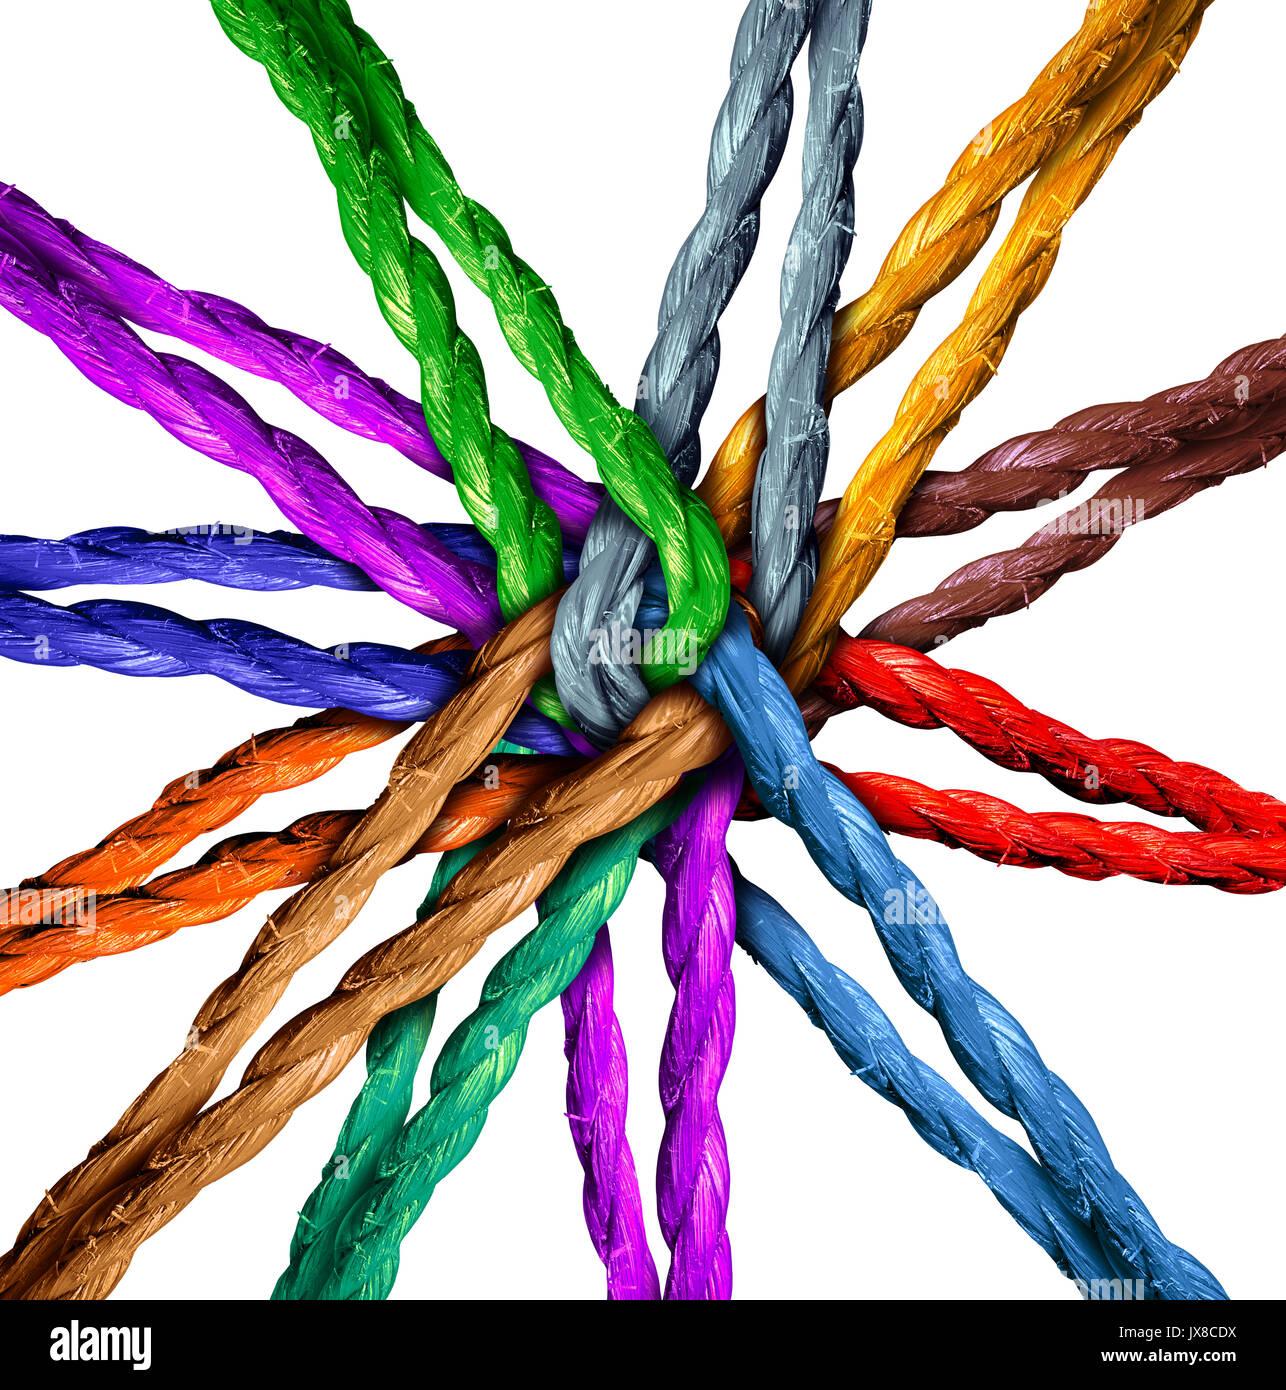 Connesso team centrale di connessione di rete il concetto di business come un gruppo di diverse funi collegate al centro 0come una metafora della rete. Immagini Stock